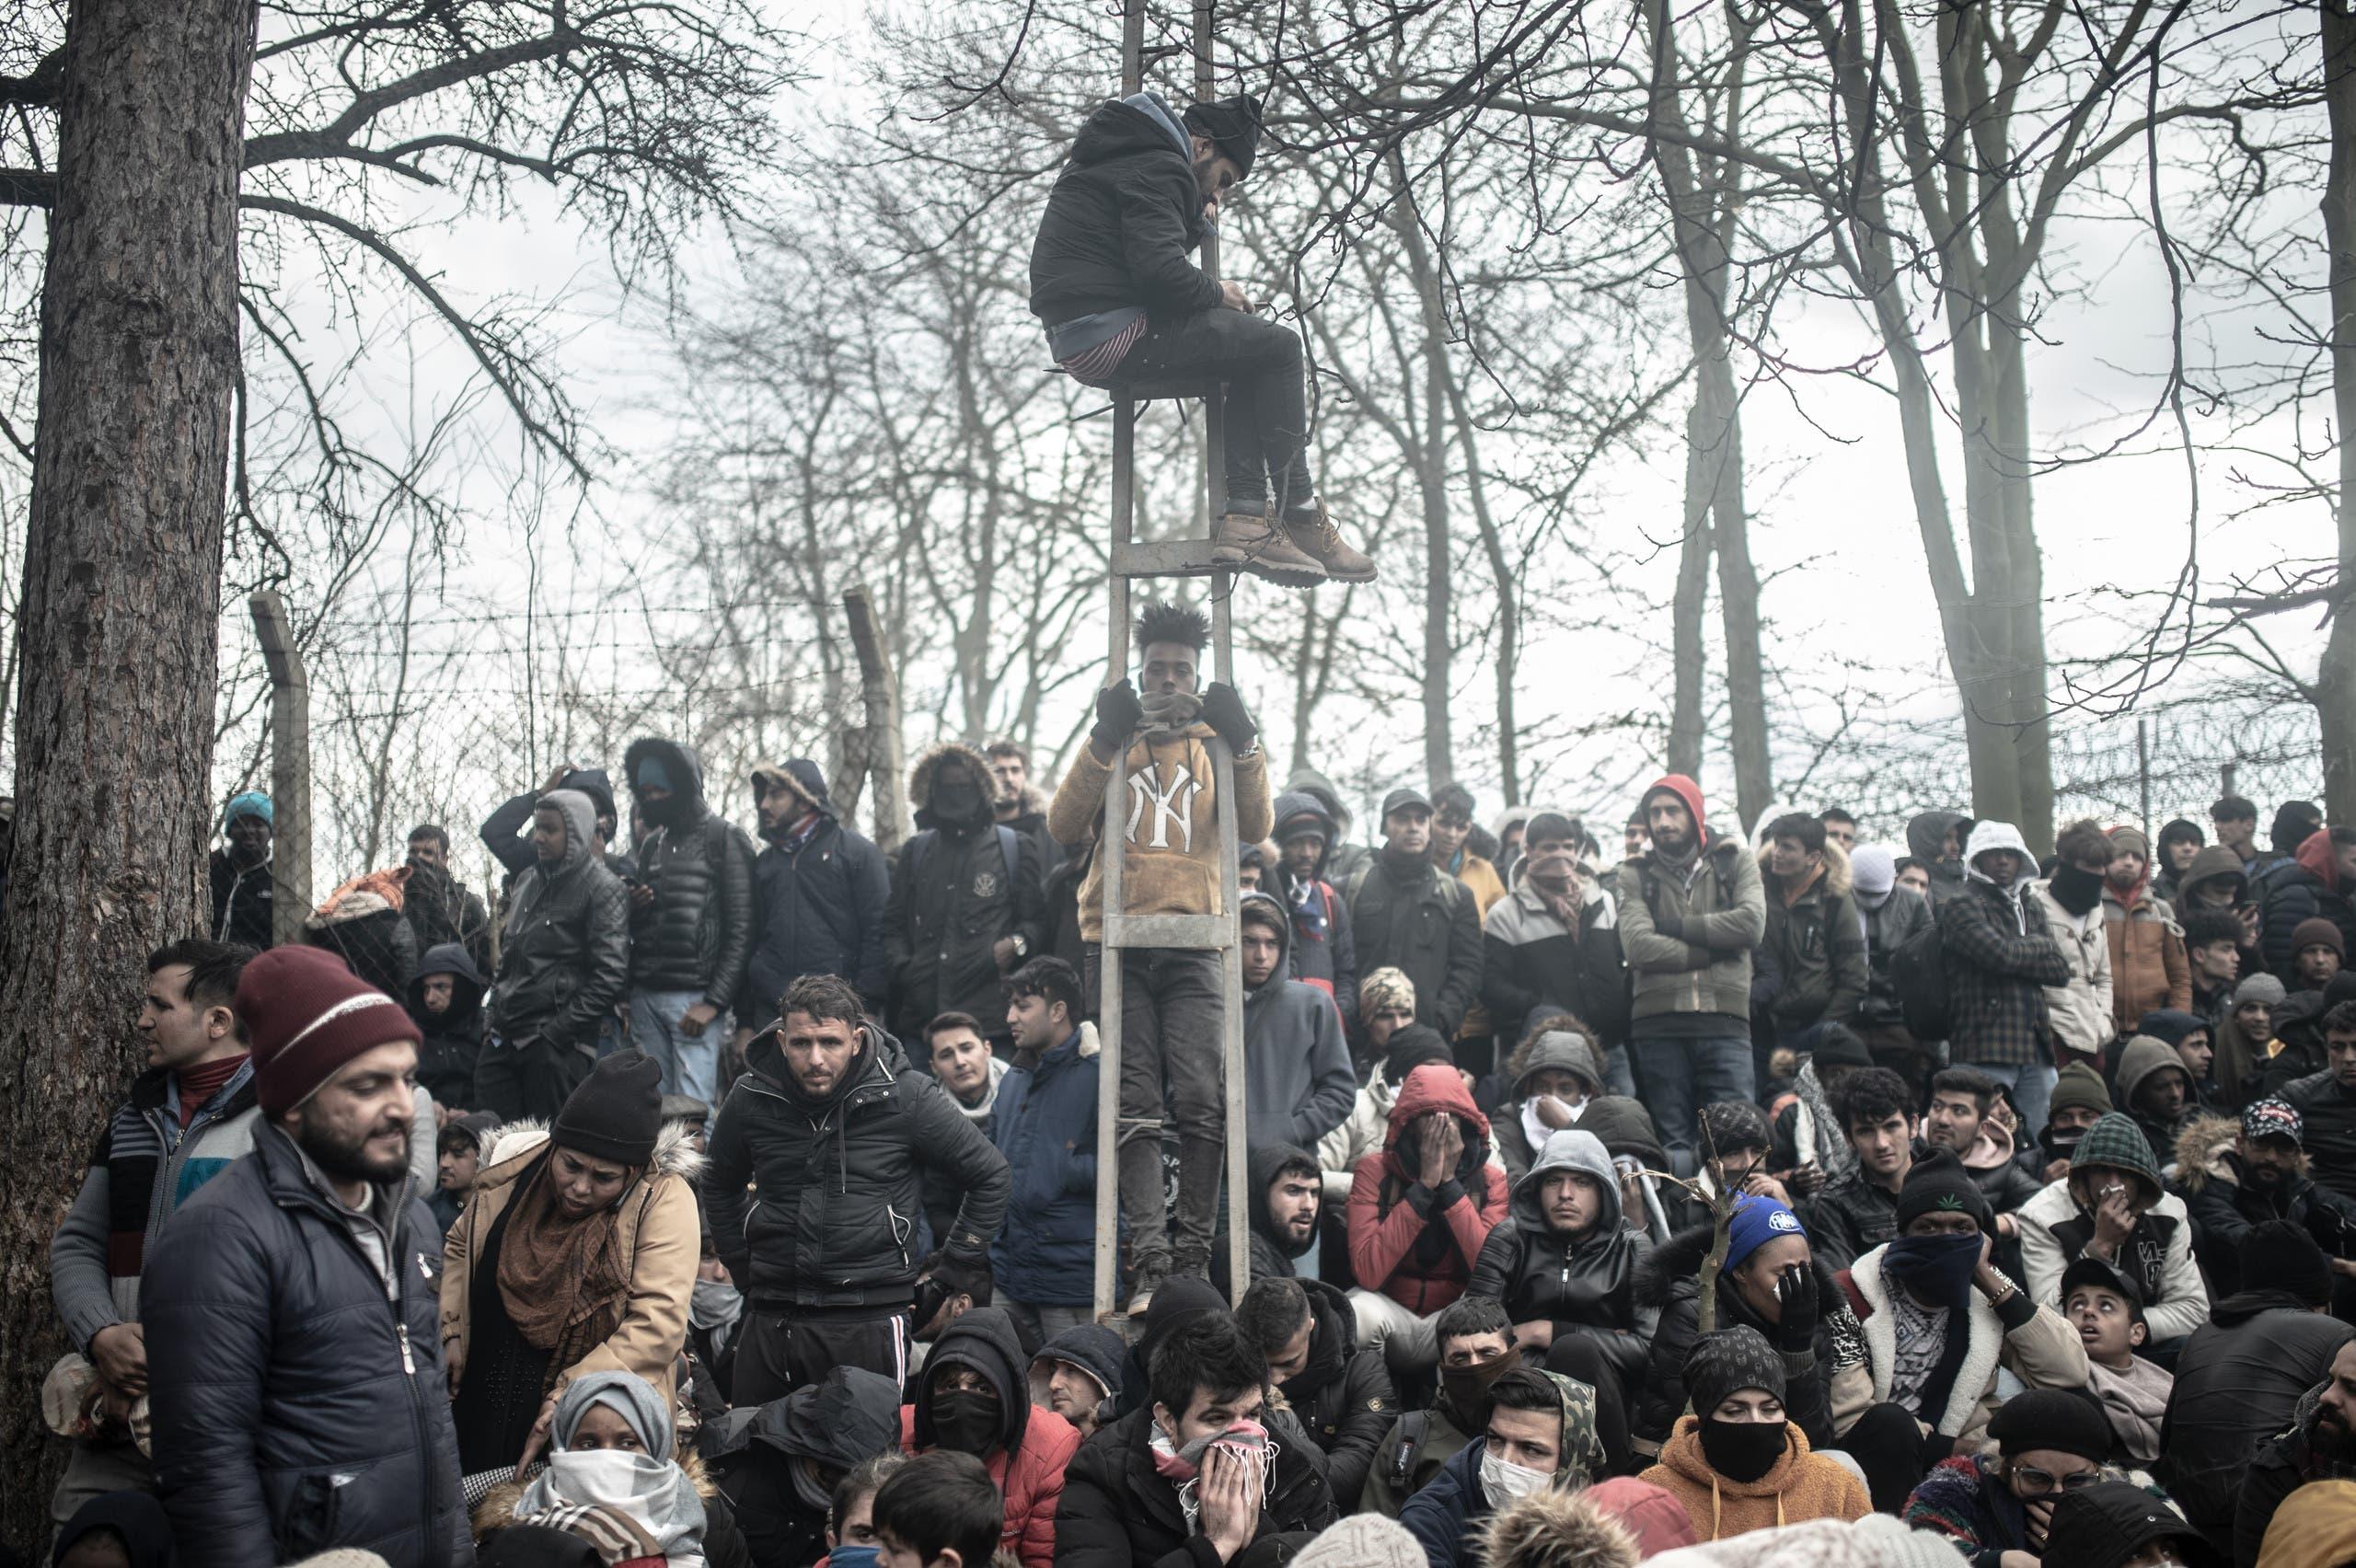 من الحدود اليونانية التركية (29 فبراير- فرانس برس)